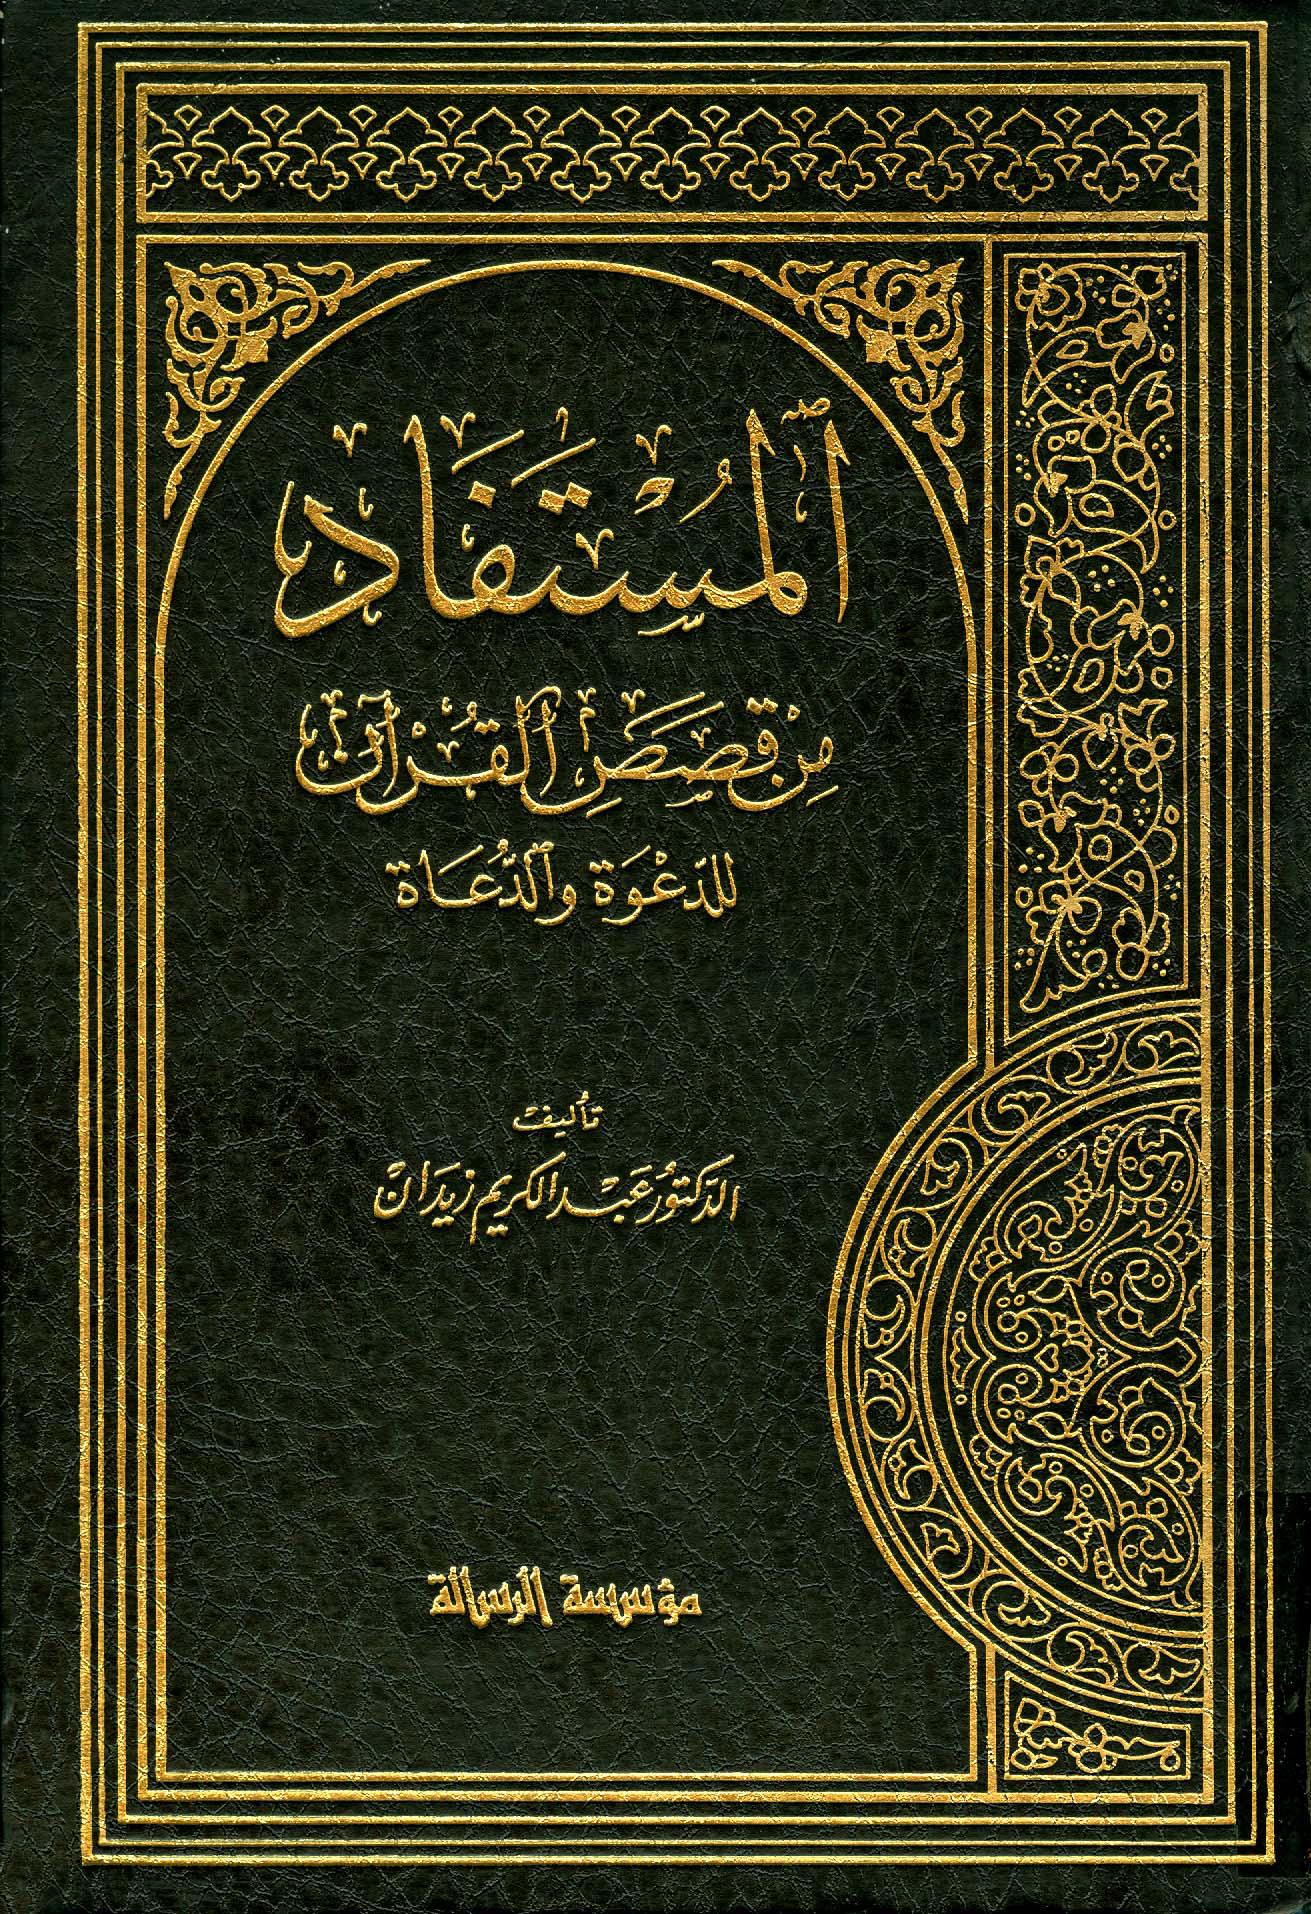 تحميل كتاب المستفاد من قصص القرآن للدعوة والدعاة للمؤلف: الدكتور عبد الكريم زيدان بهيج العاني (ت 1435)